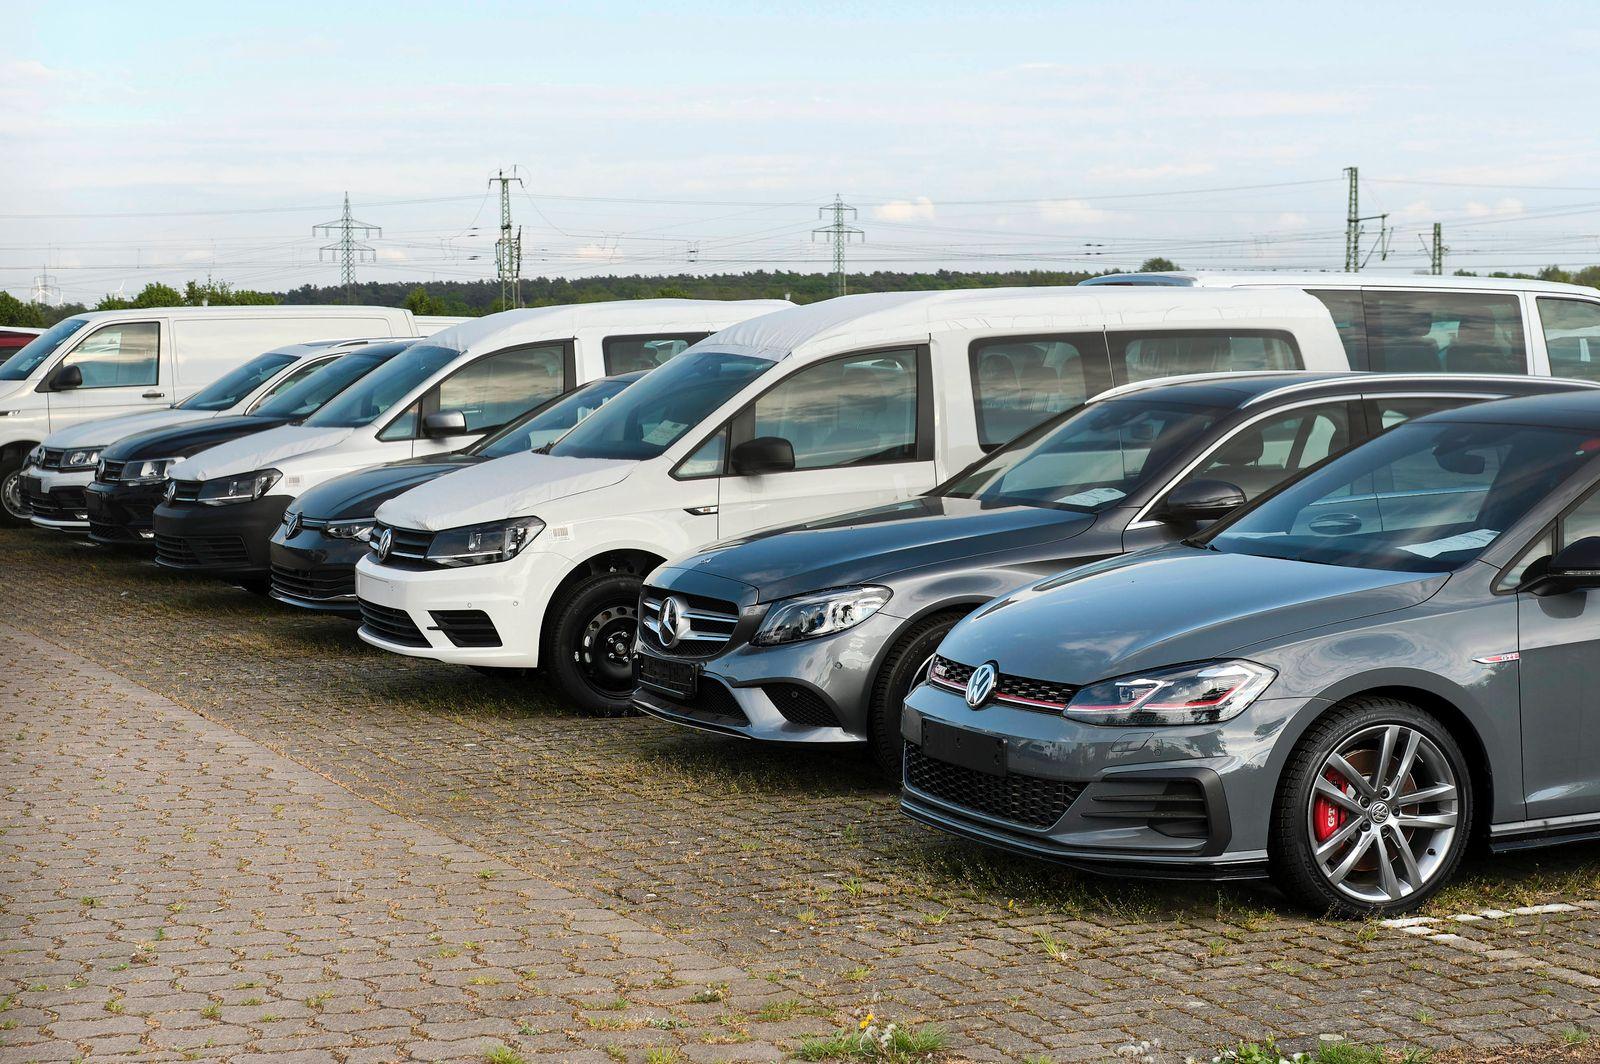 Neuwagen in einem Auslieferungslager. Lehrte, 29.04.2020 *** New cars in a distribution centre Lehrte, 29 04 2020 Foto: